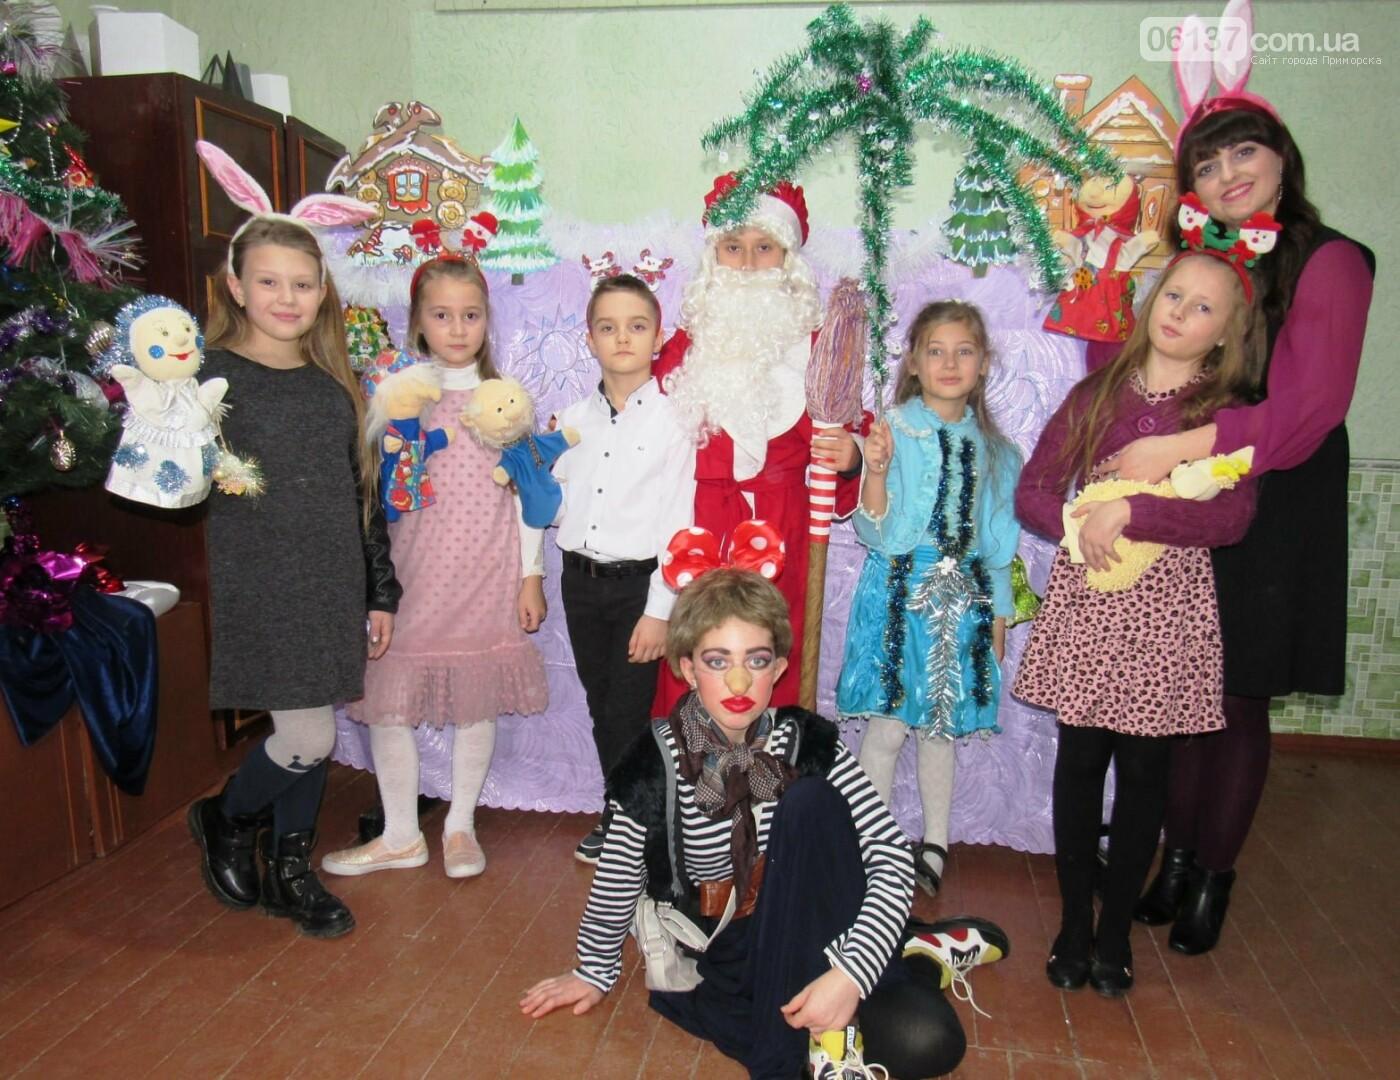 """Діти Приморської мистецької школи презентували лялькову виставу """"Викрадені подарунки"""", фото-1"""